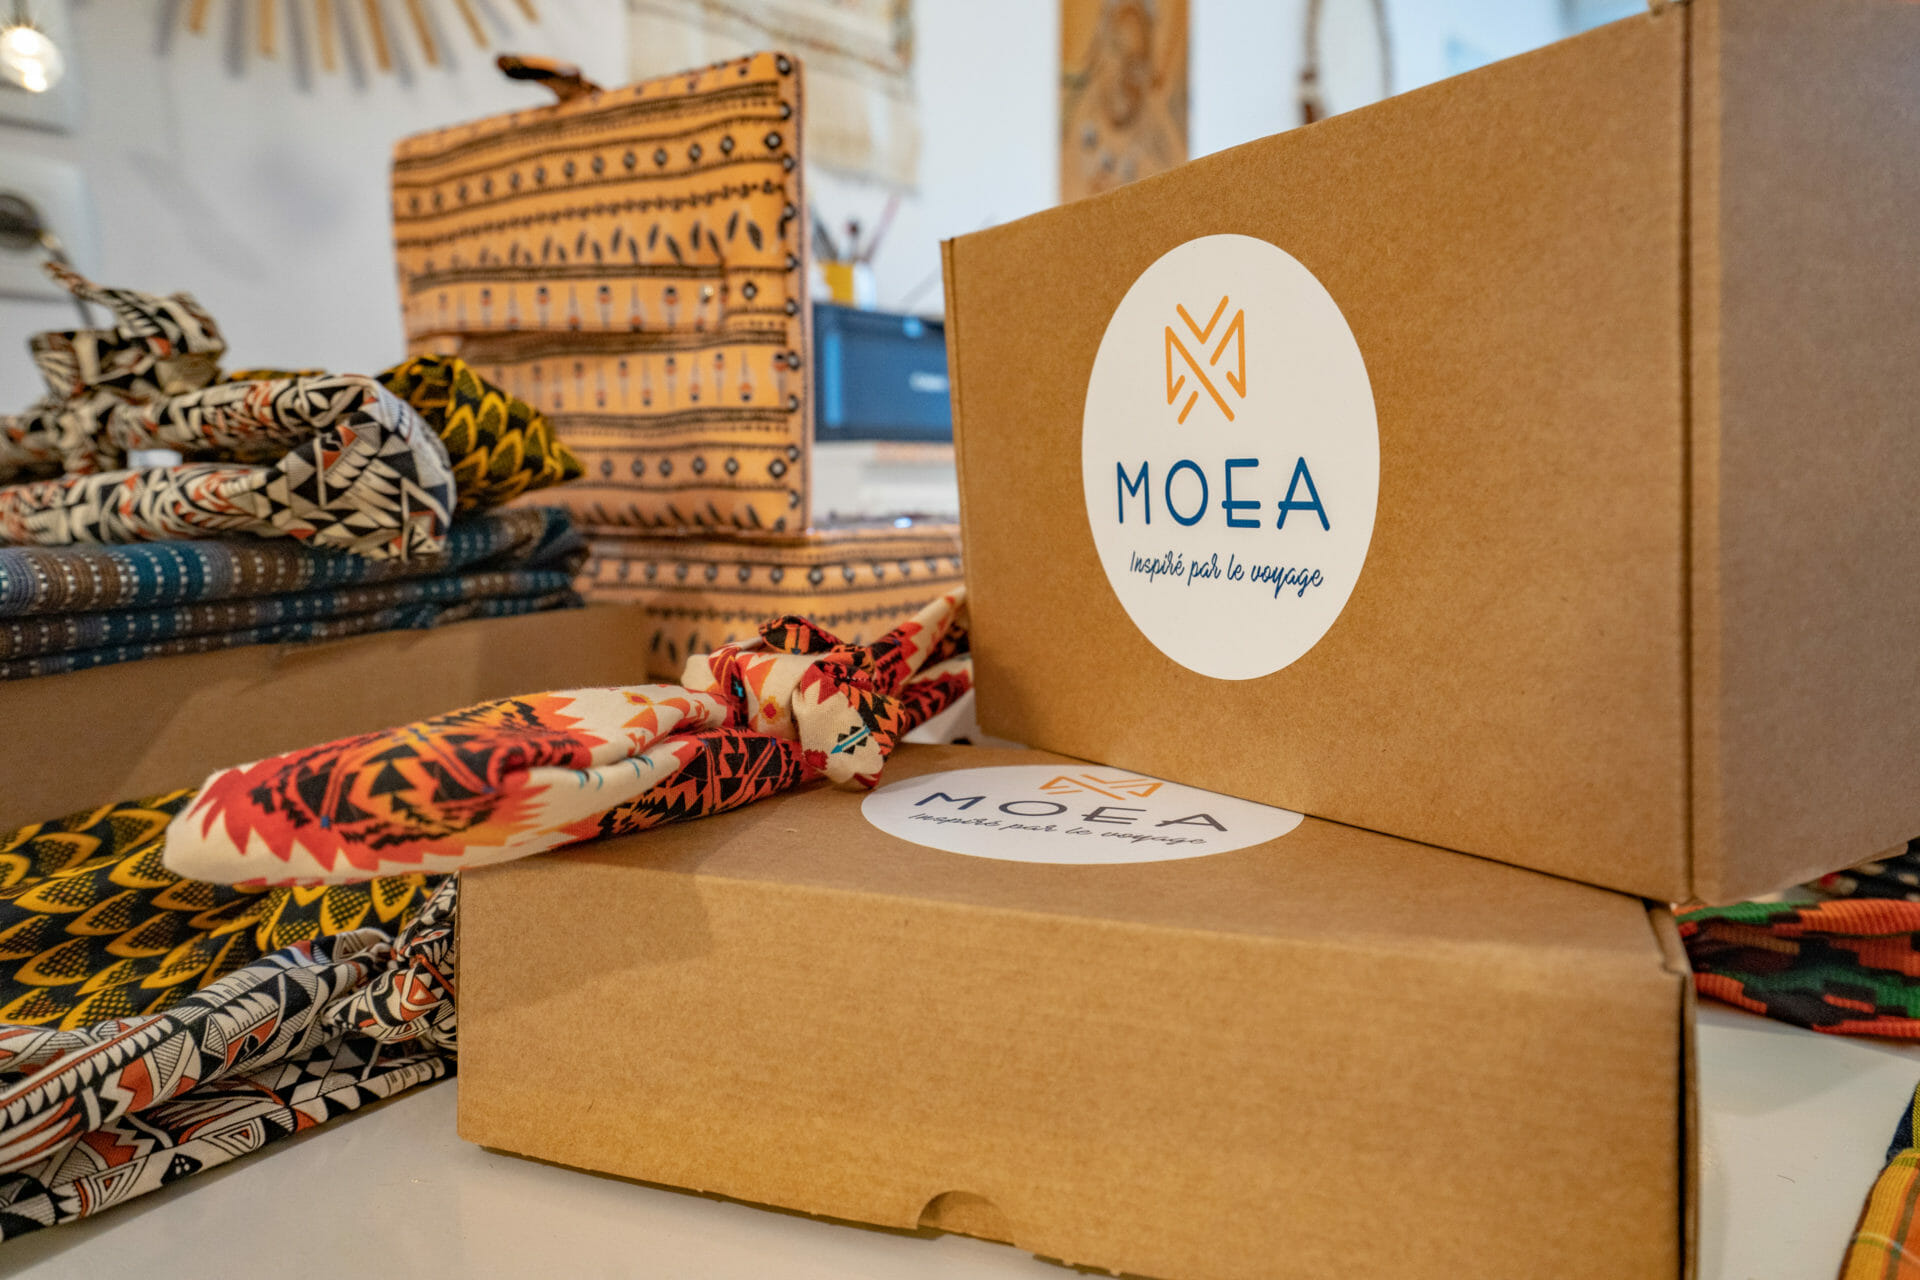 atelier-moea-coiffure-voyage-headband